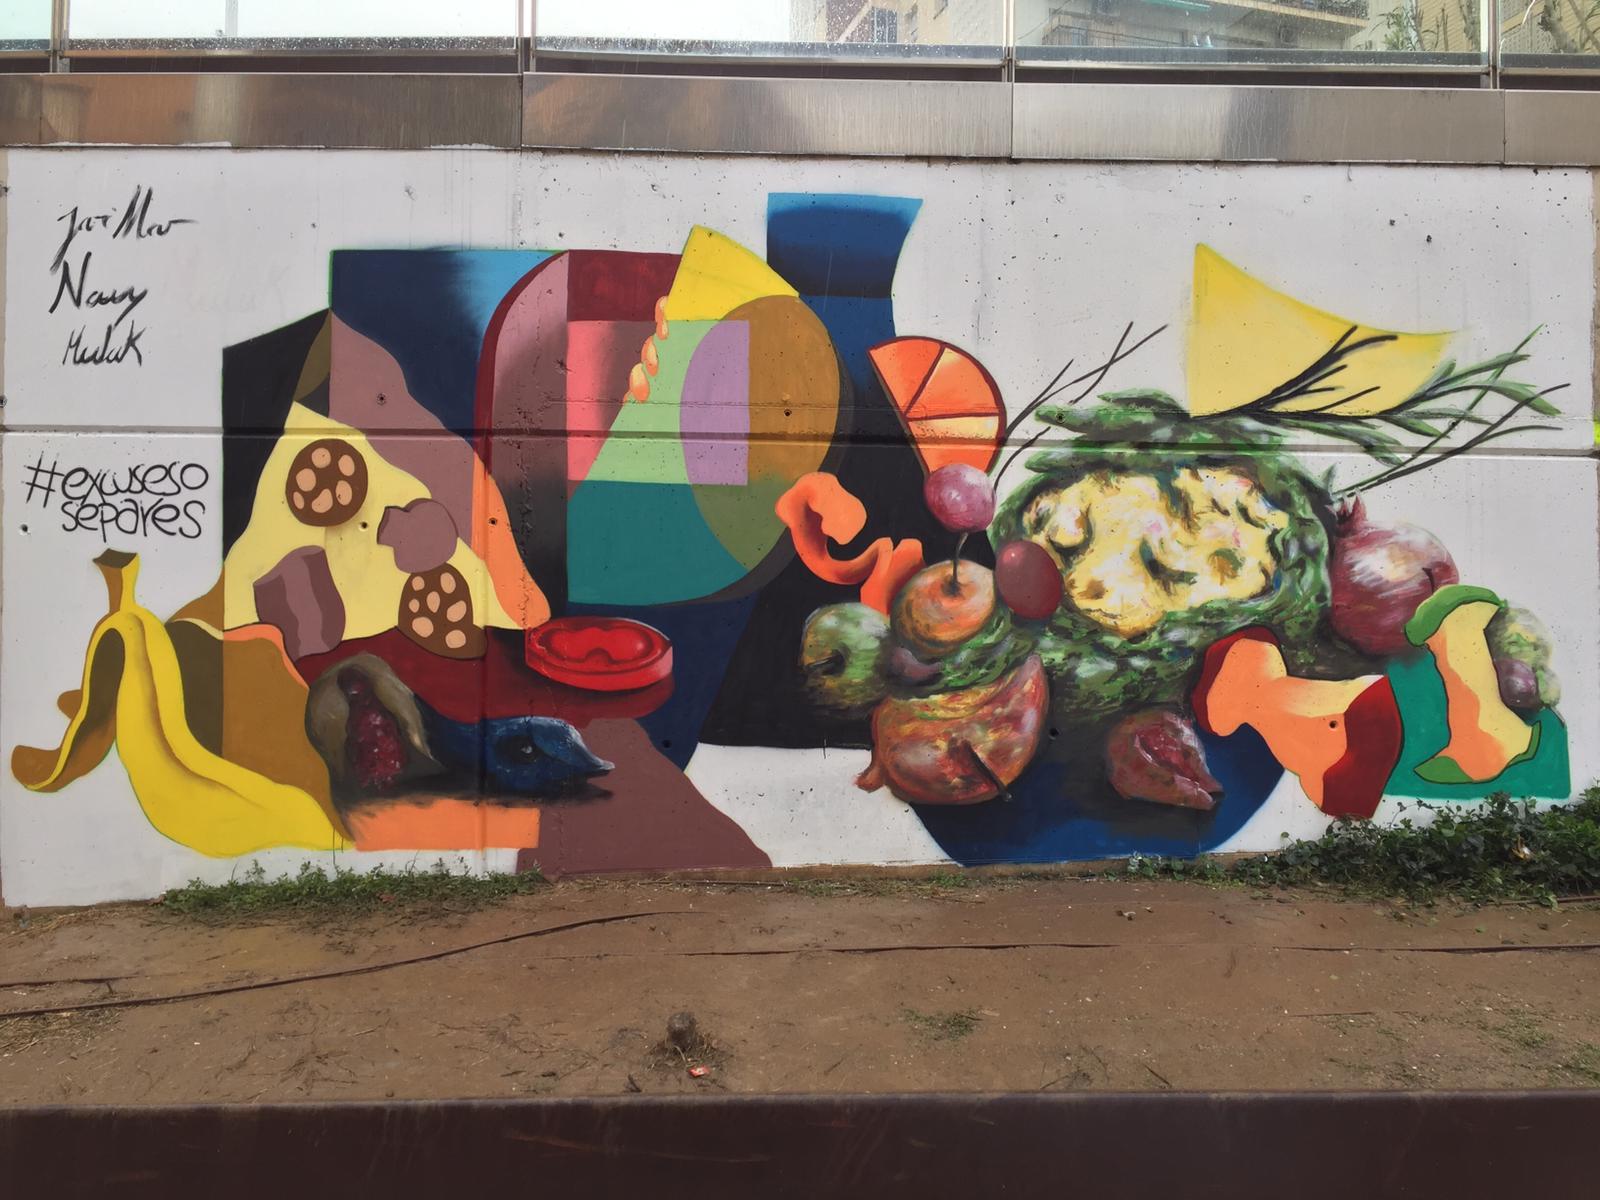 El Festival d'Art Urbà sobre el reciclatge de la matèria orgànica dóna el tret de sortida als municipis de Rubí i Vacarisses